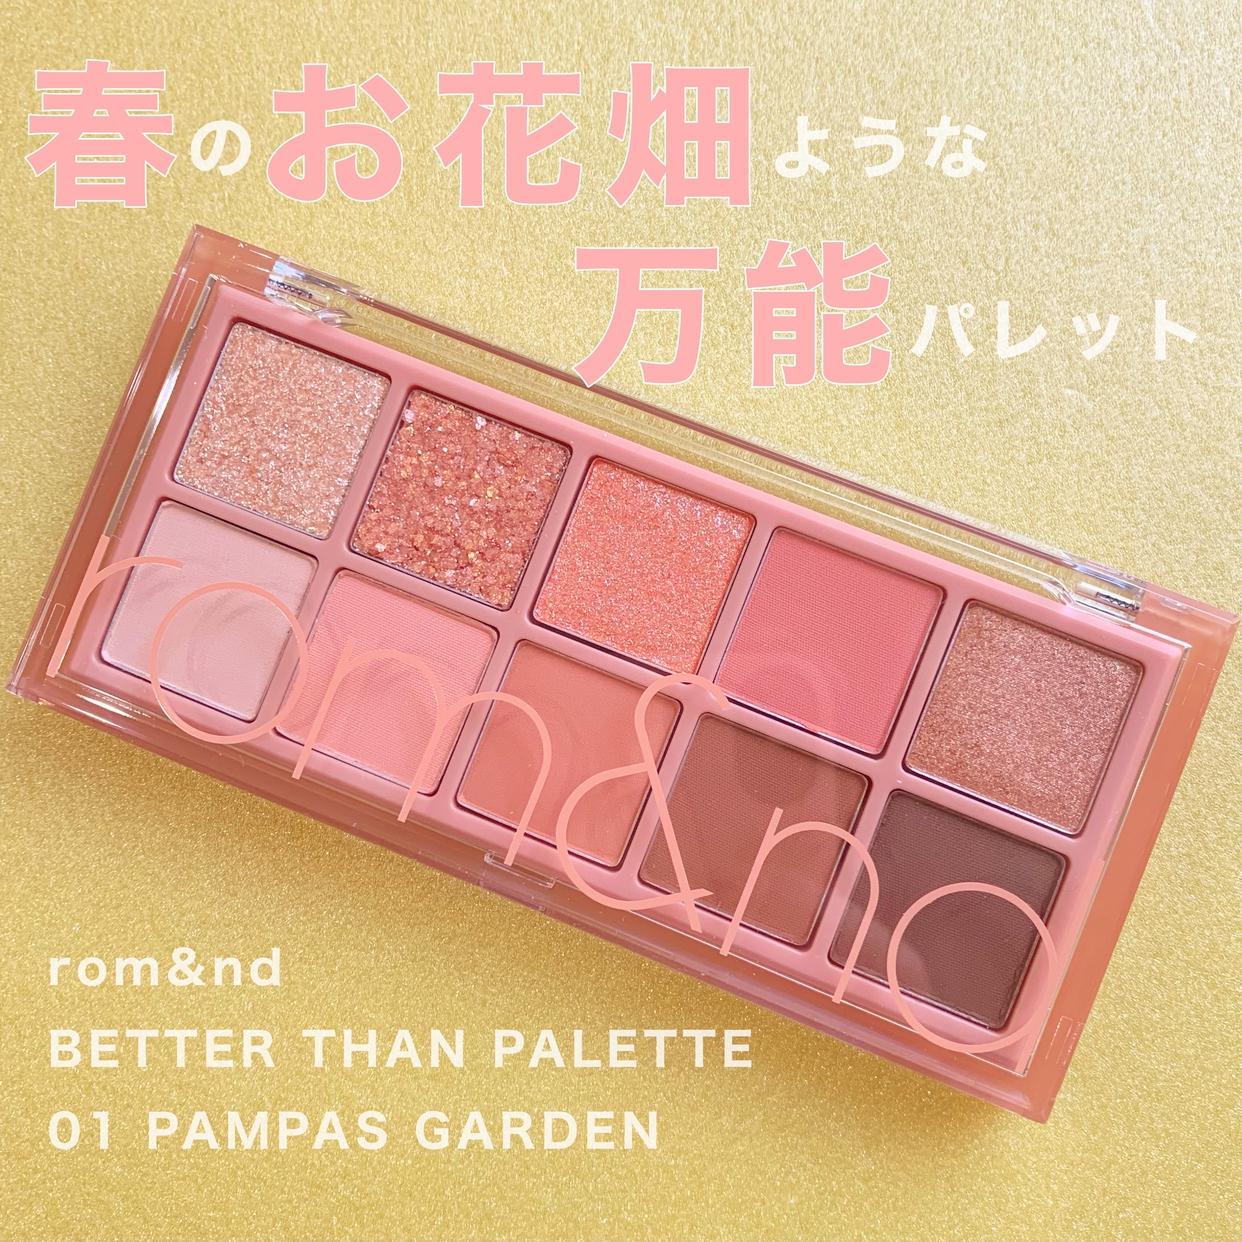 rom&nd(ロムアンド) ベター ザン パレットを使ったKeiさんのクチコミ画像1